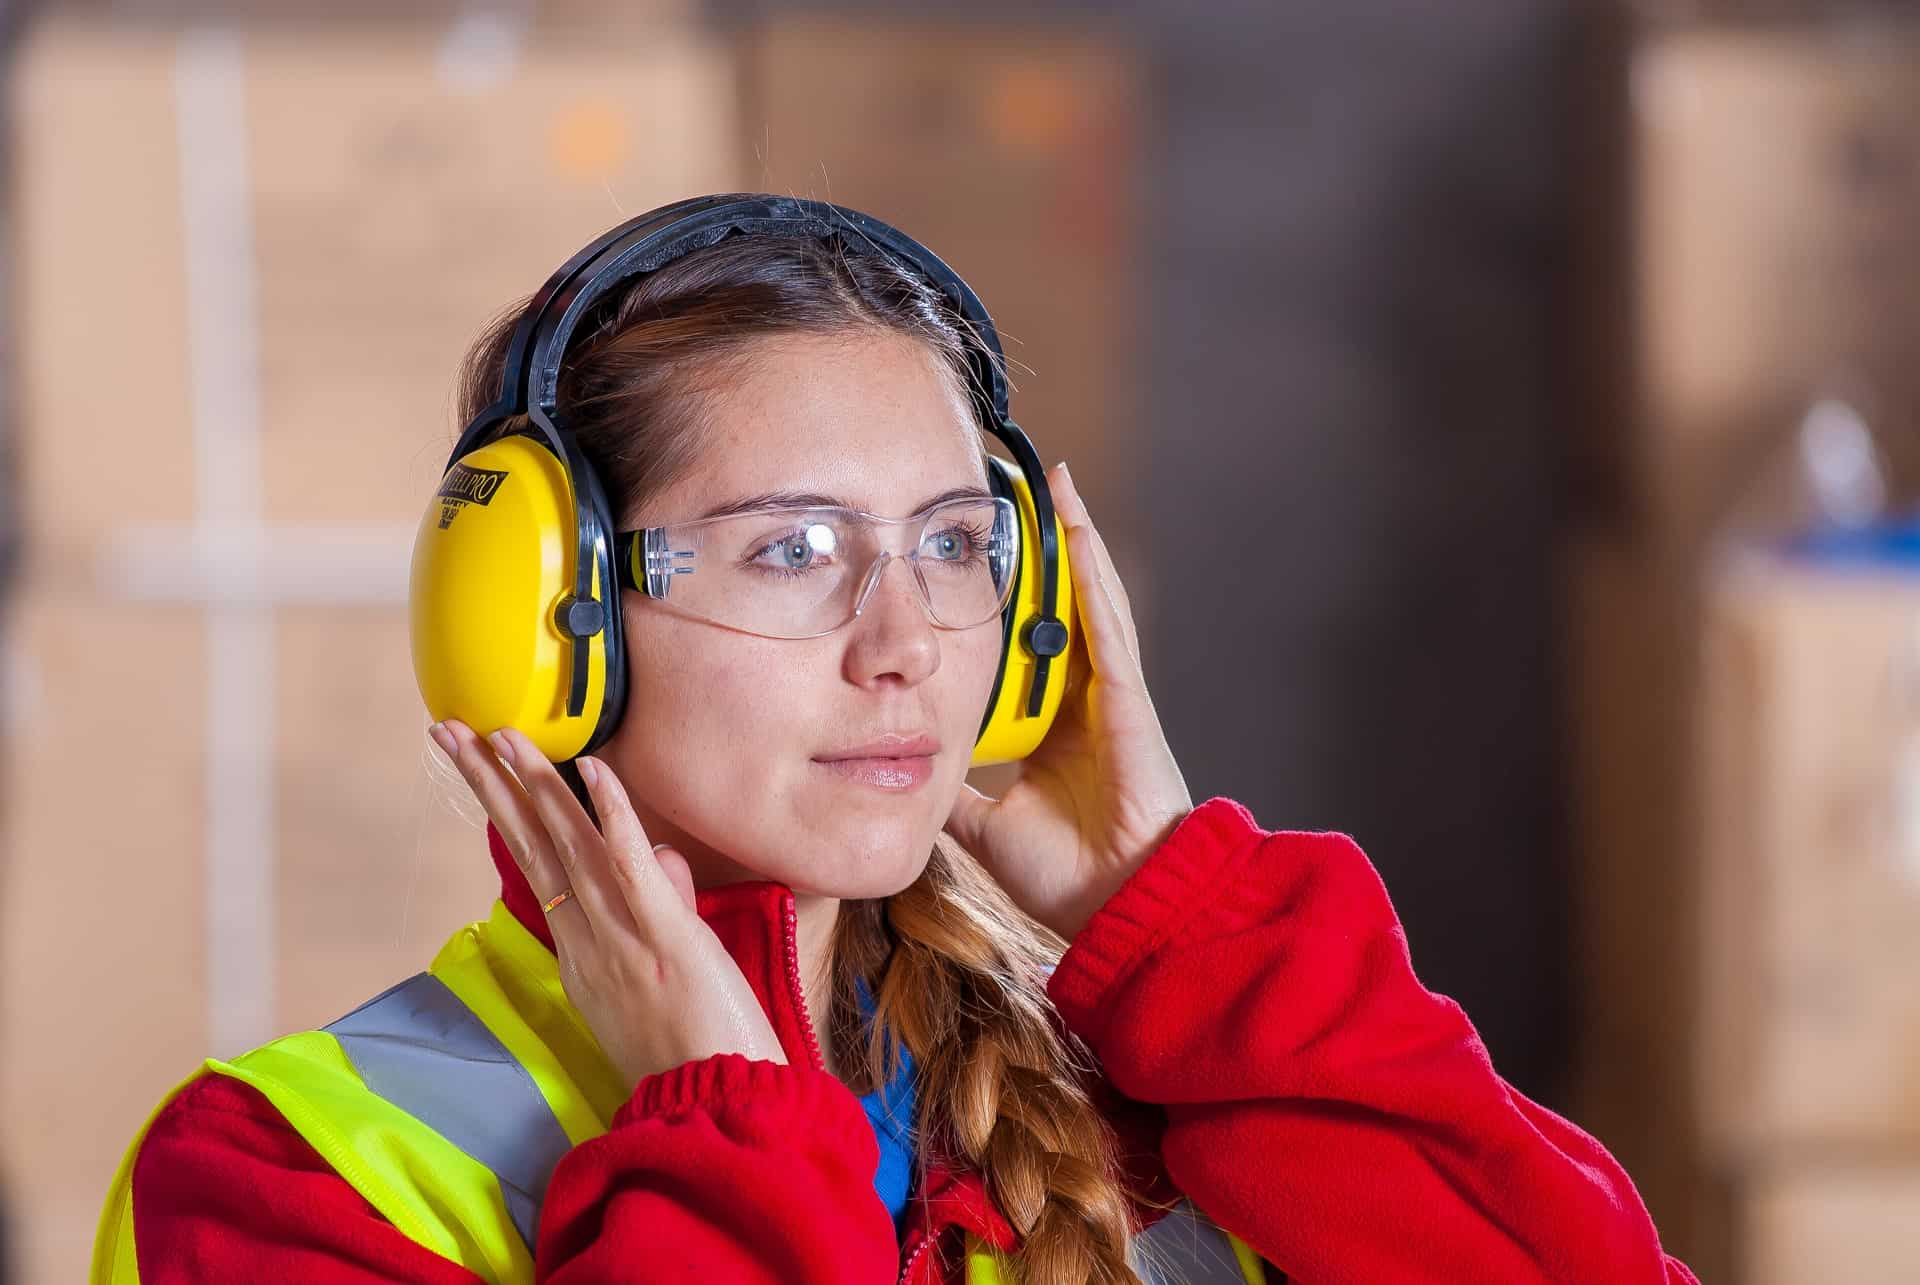 Gehörschutz: Test & Empfehlungen (11/20)